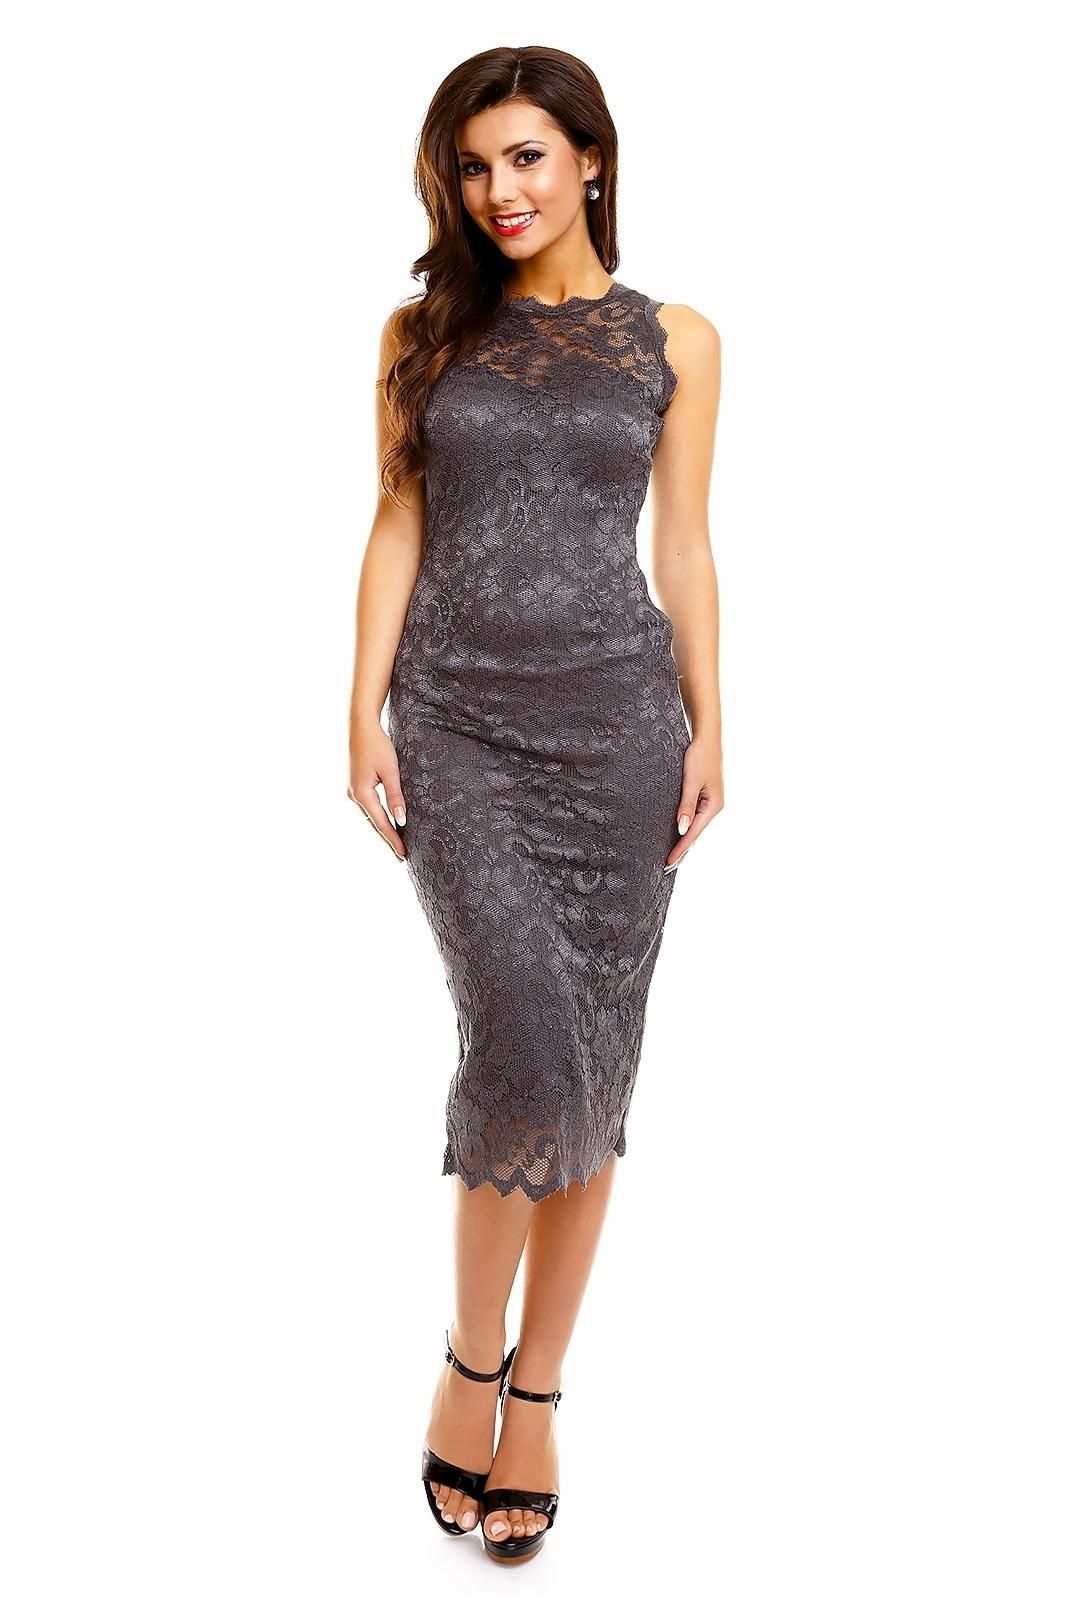 Spitzenkleid schwarz lang - Stylische Kleider für jeden tag